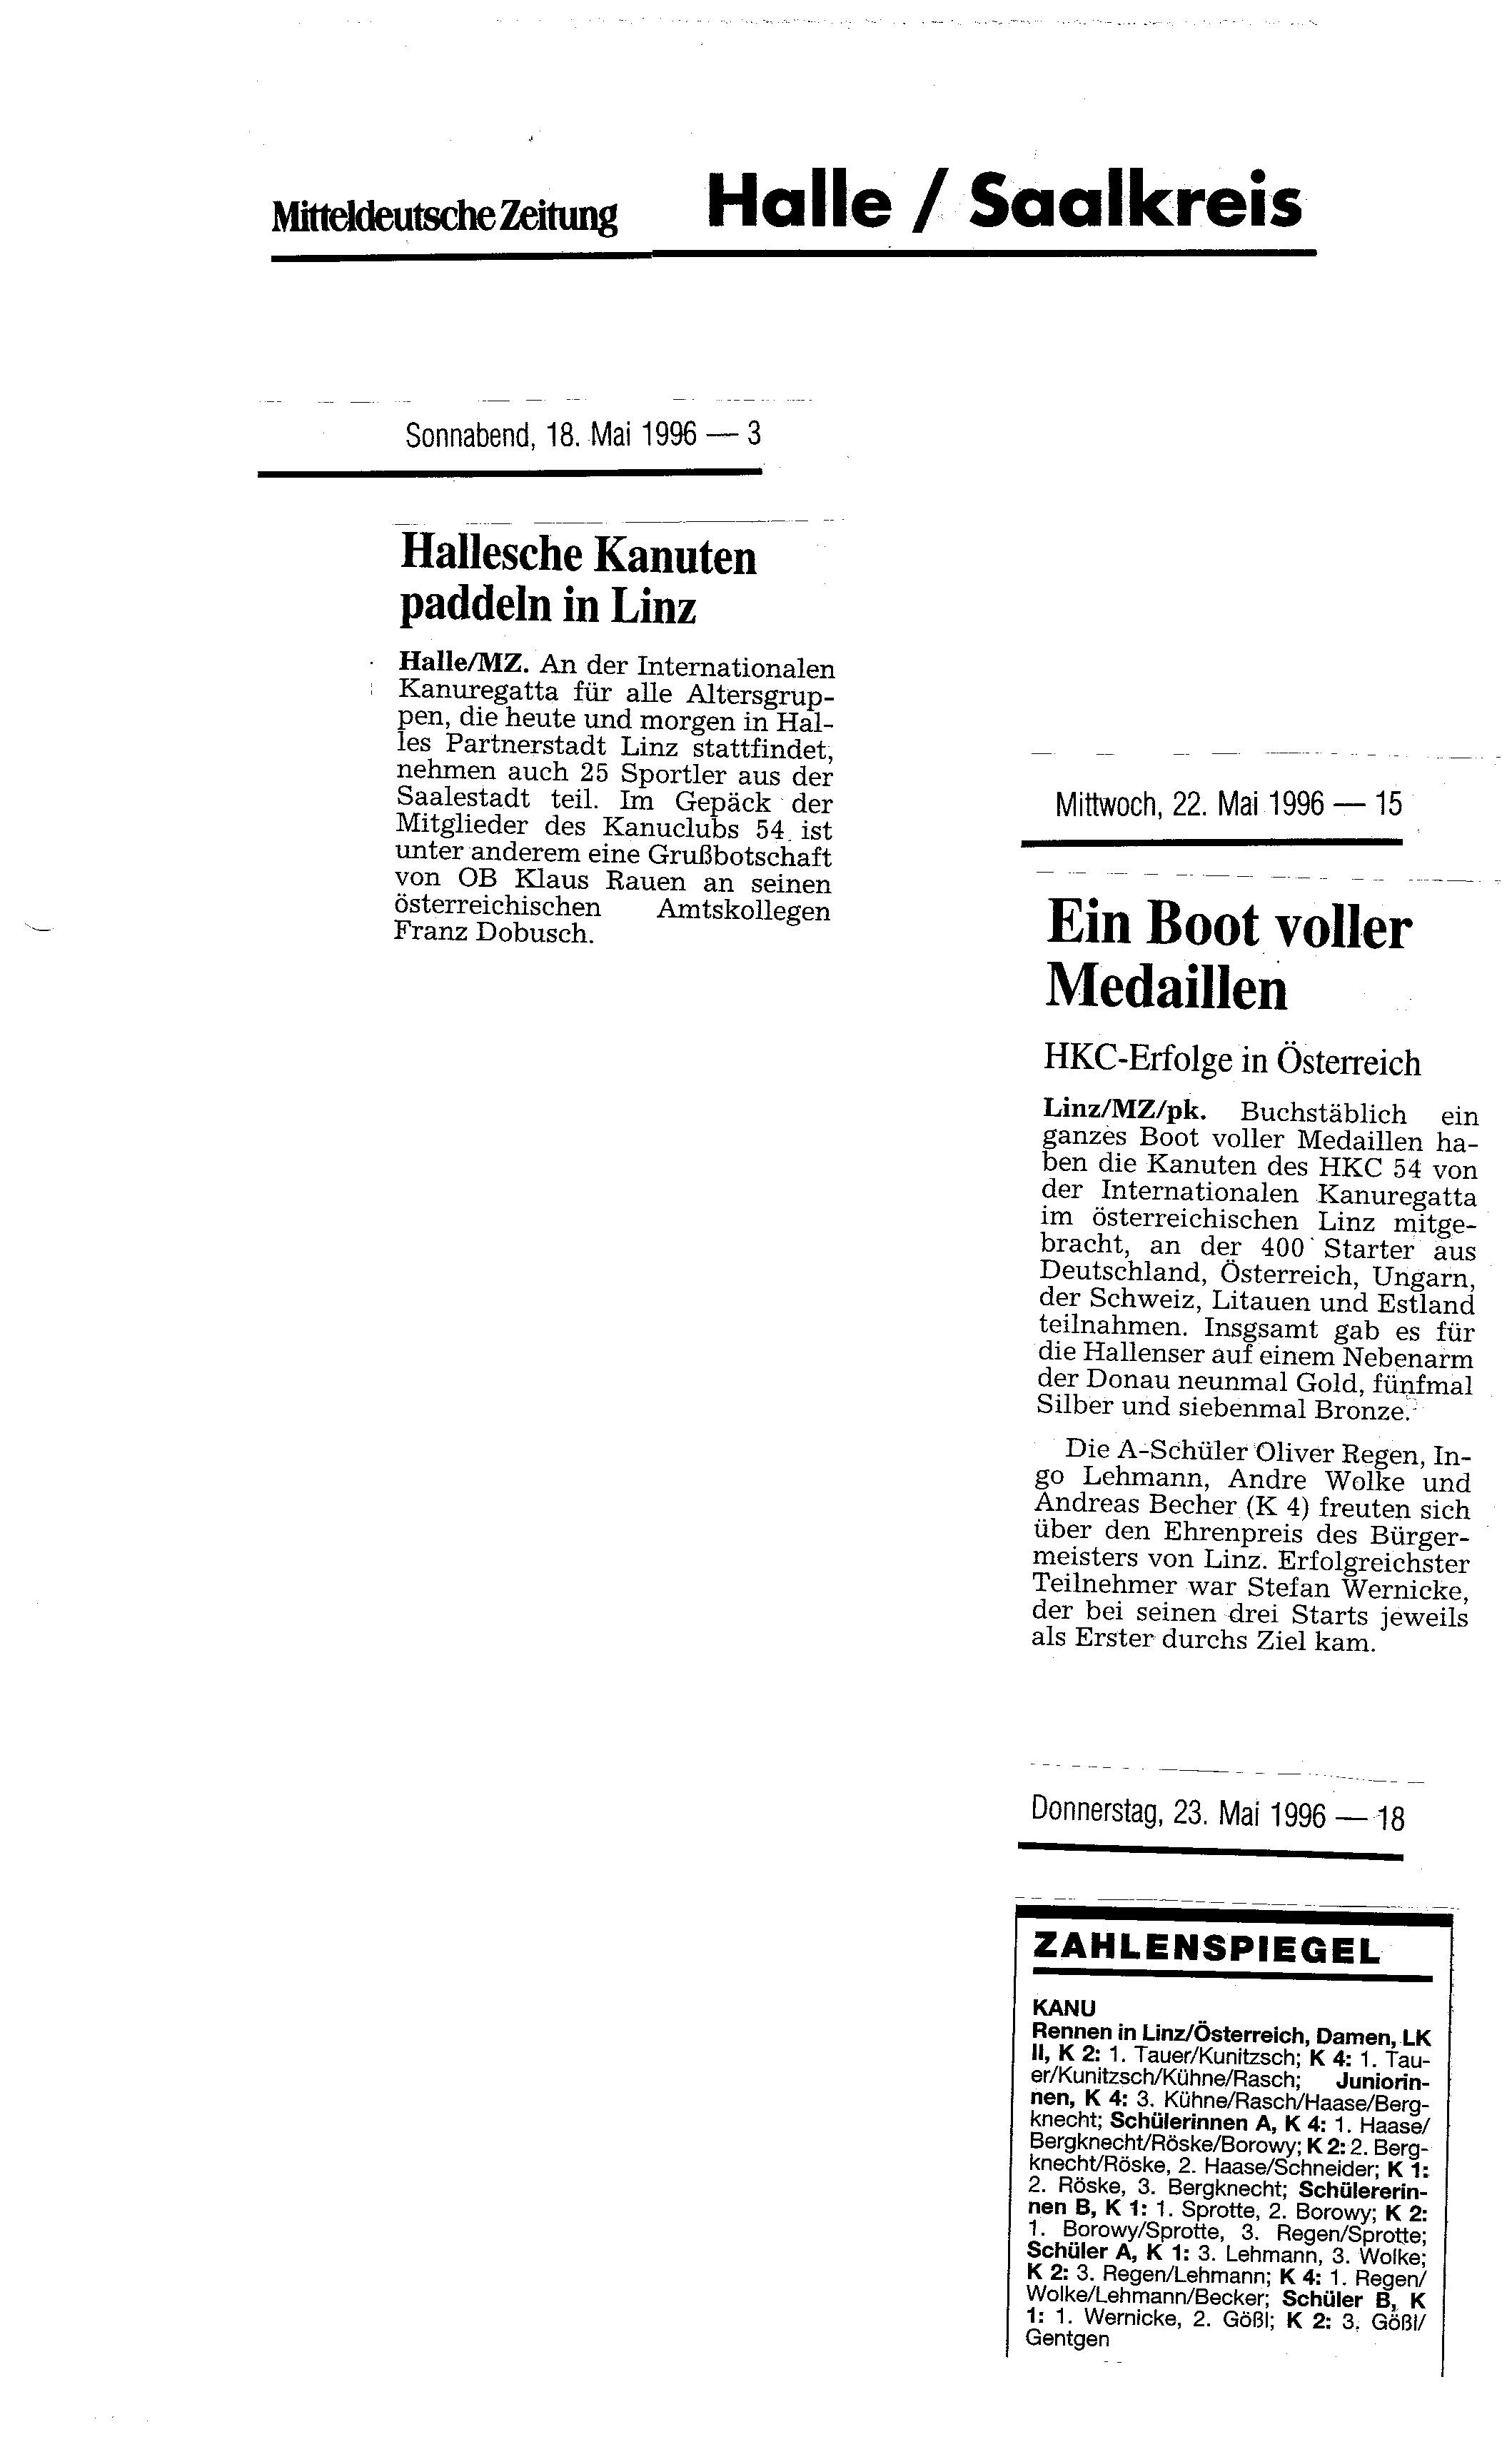 1996-05-18 MZ Hallesche Kanuten paddeln in Linz, ein Boot voller Medaillen